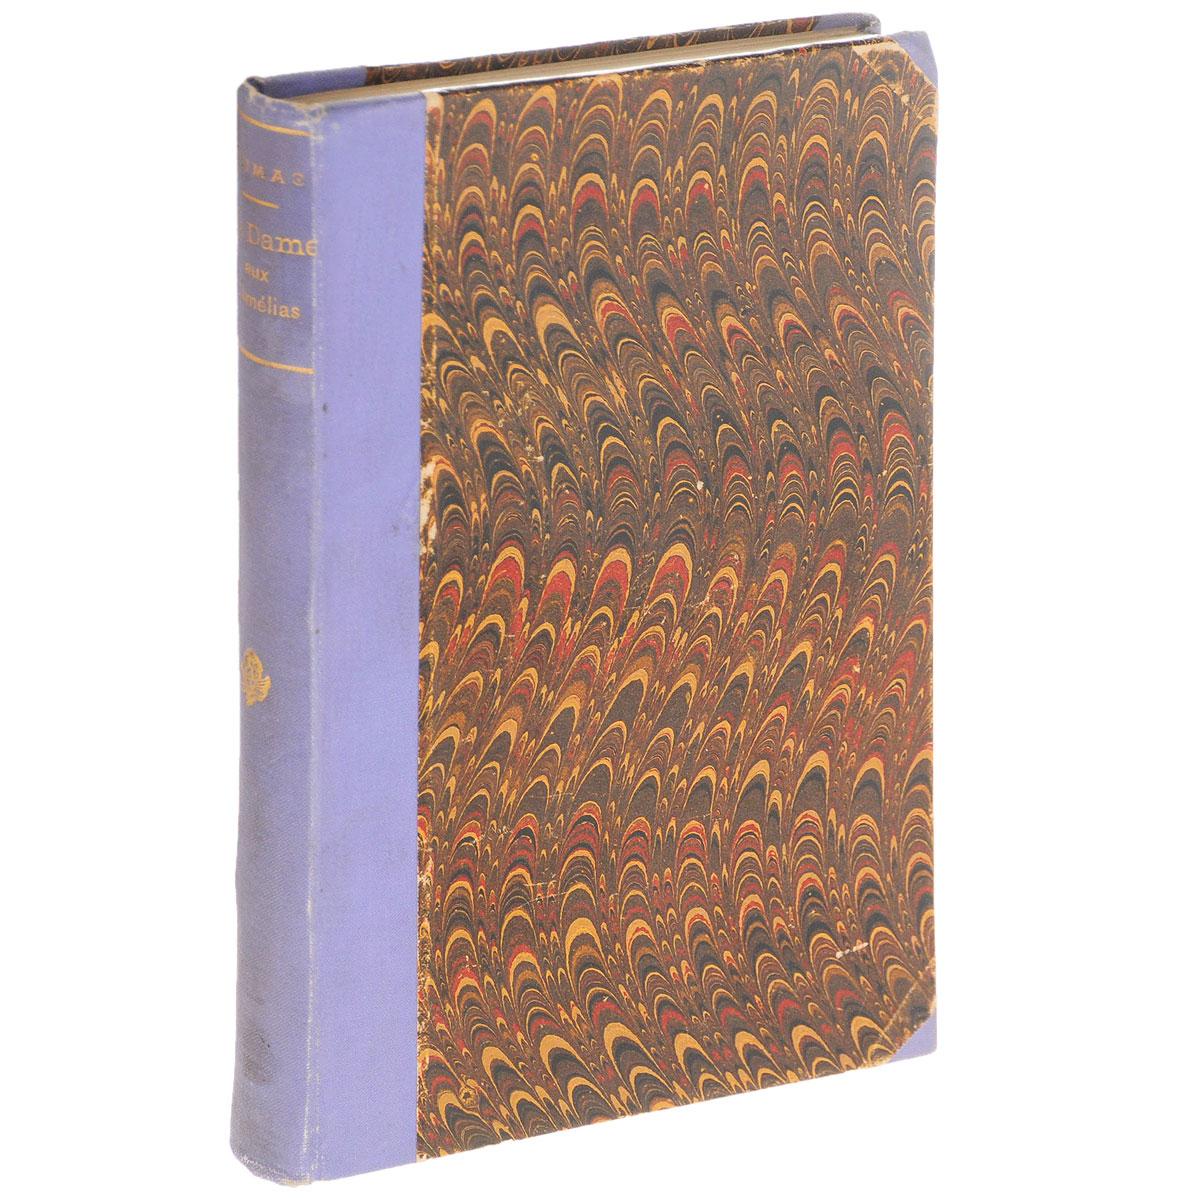 La Dame aux CameliasART-2290500Прижизненное издание. Париж, 1897 год. Calmann Levy. Владельческий переплет. Сохранность хорошая. Александр Дюма, сын автора Графа Монте-Кристо, Трех мушкетеров, Королевы Марго, доказал, что способен потягаться с великим отцом. В двадцать четыре года он написал роман ДАМА С КАМЕЛИЯМИ (1848), о котором заговорил весь Париж. В основу сюжета легла реальная история - история роковой красавицы куртизанки Мари Дюплесси, которая совсем молодой умерла от туберкулеза. Роман был переделан в пьесу, имевшую шумный успех, пьесу подхватил Джузеппе Верди и написал оперу Травиата - словом, сюжету было суждено бессмертие. Издание не подлежит вывозу за пределы Российской Федерации.